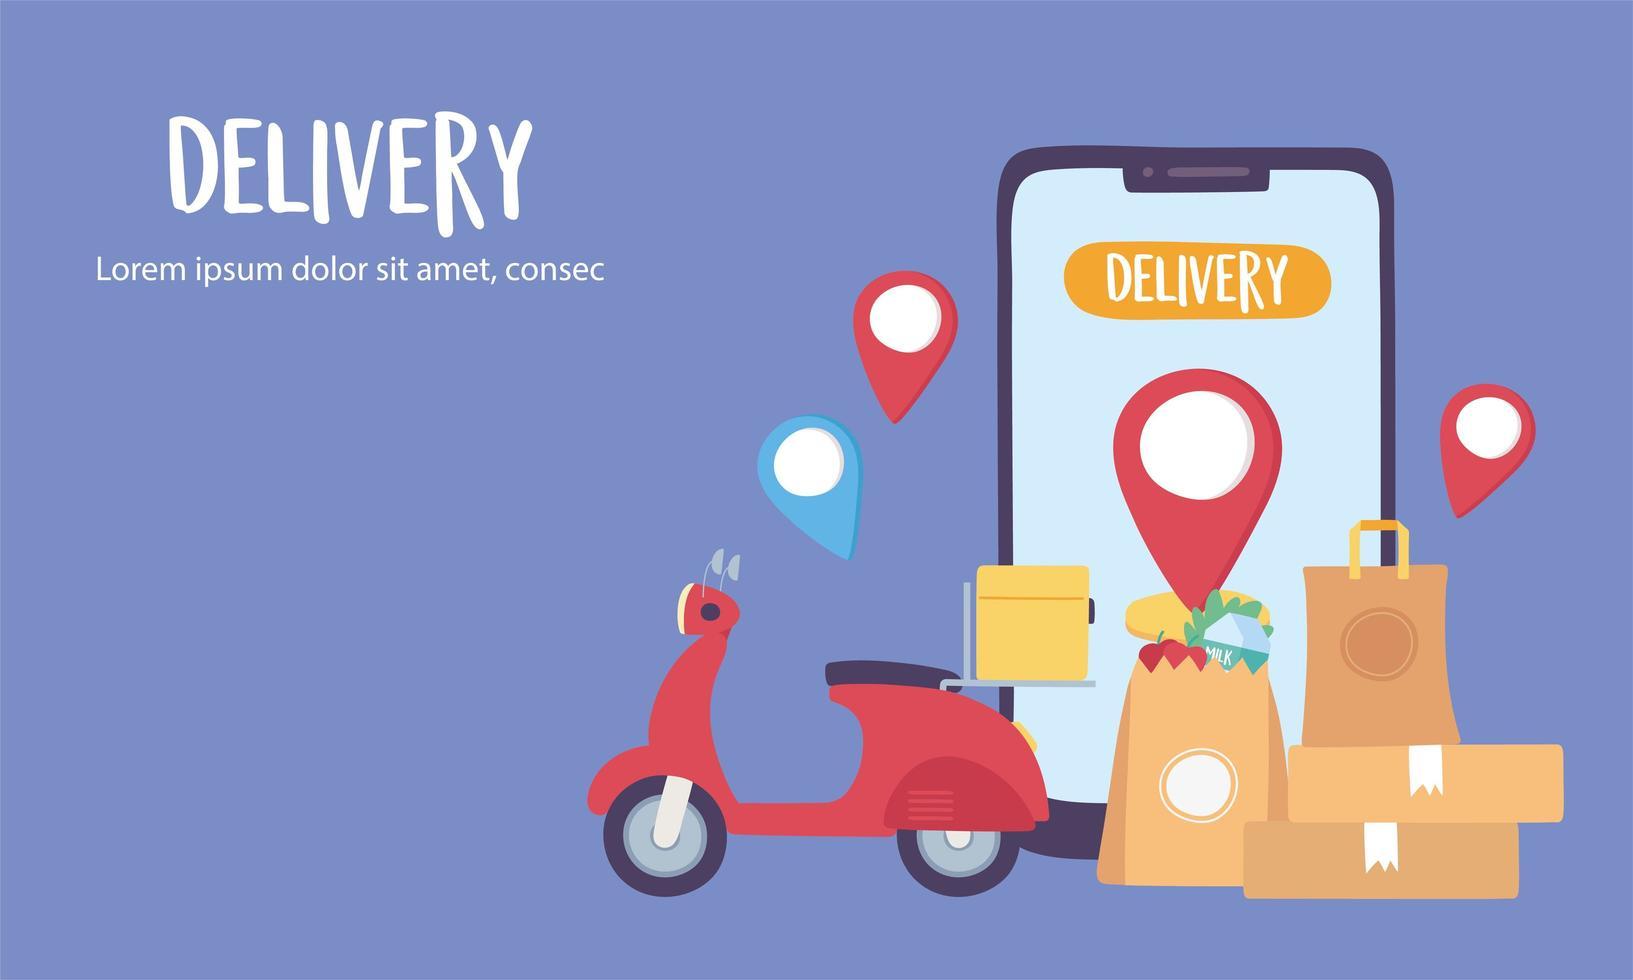 servizio di consegna online con pacchi e smartphone vettore